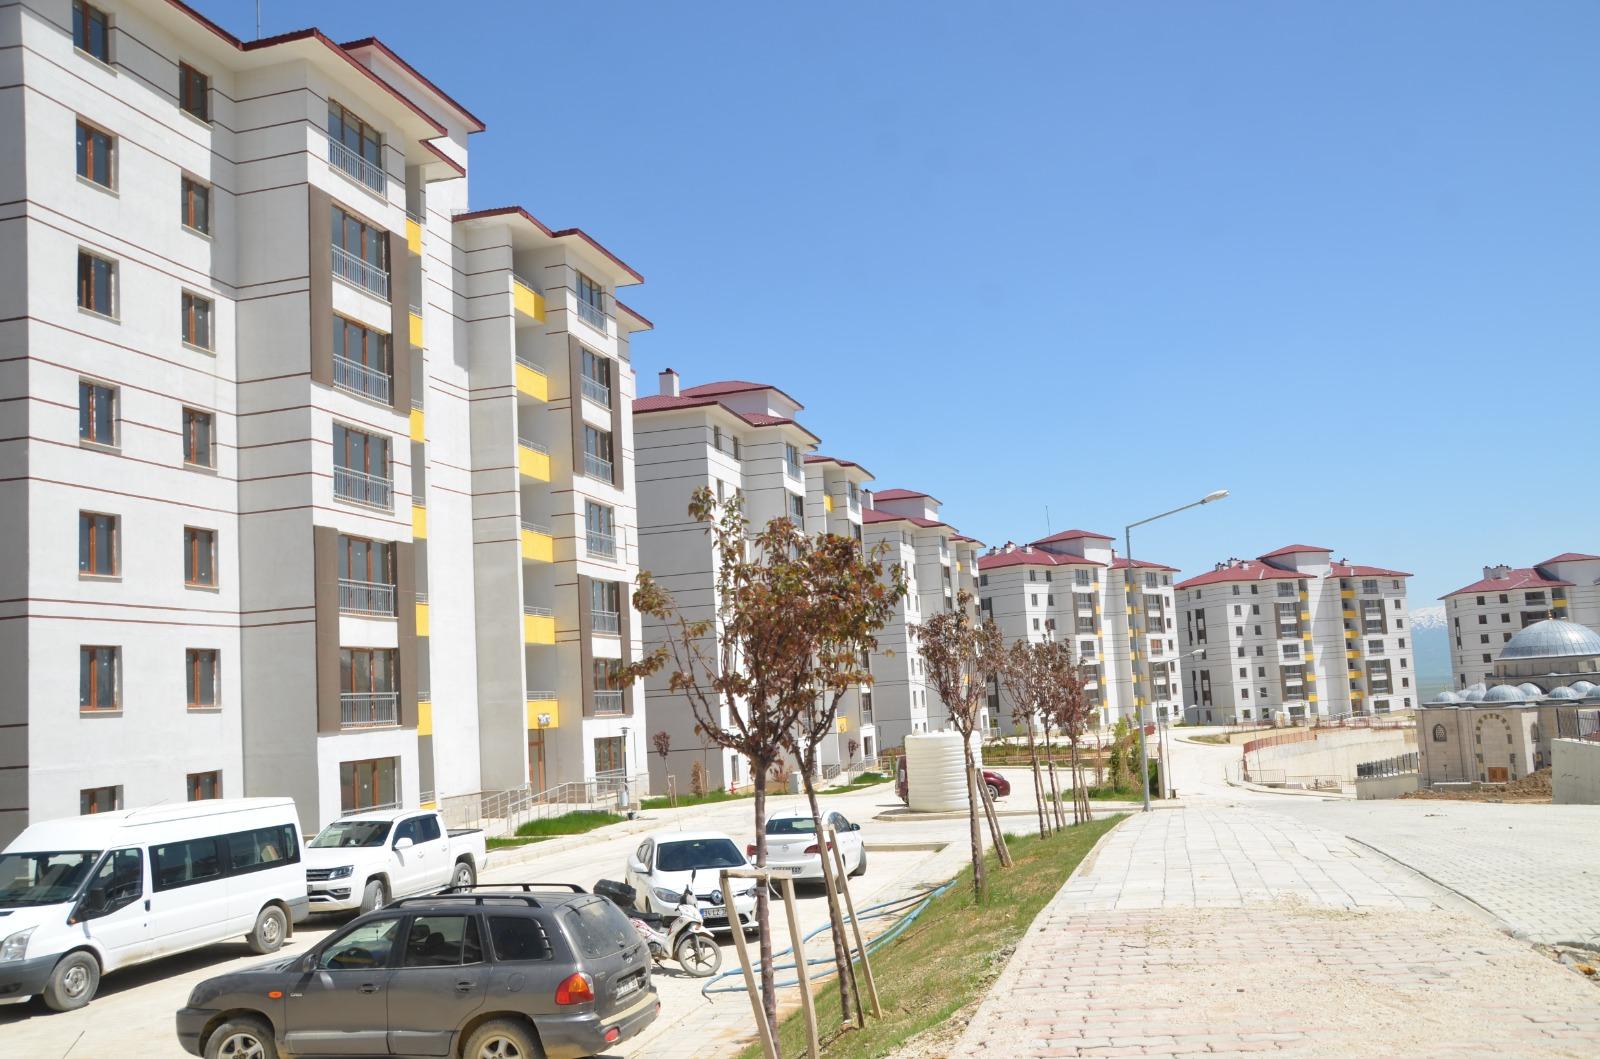 Yüksekova'da yapımı tamamlanan 1.Bölge !.Etap konutlar için anahtar teslimi yapıldı.